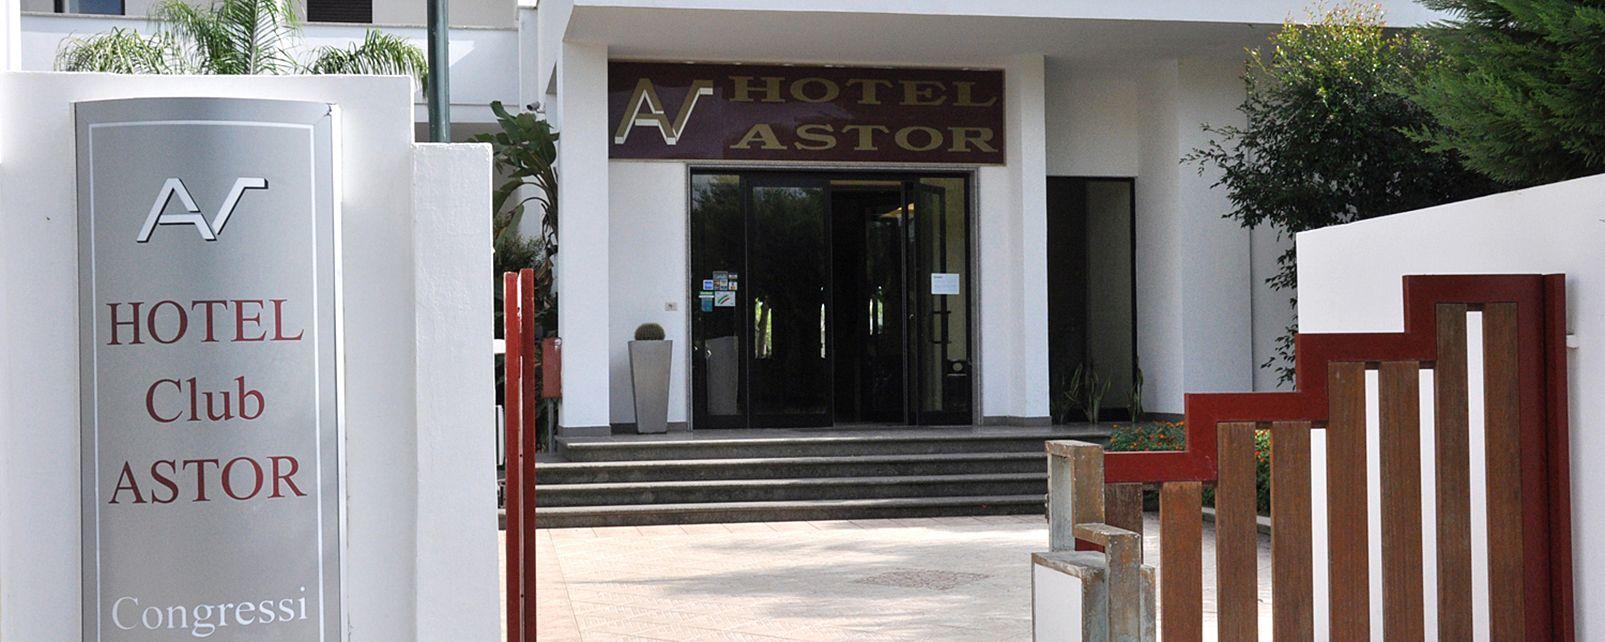 Hotel Club Astor